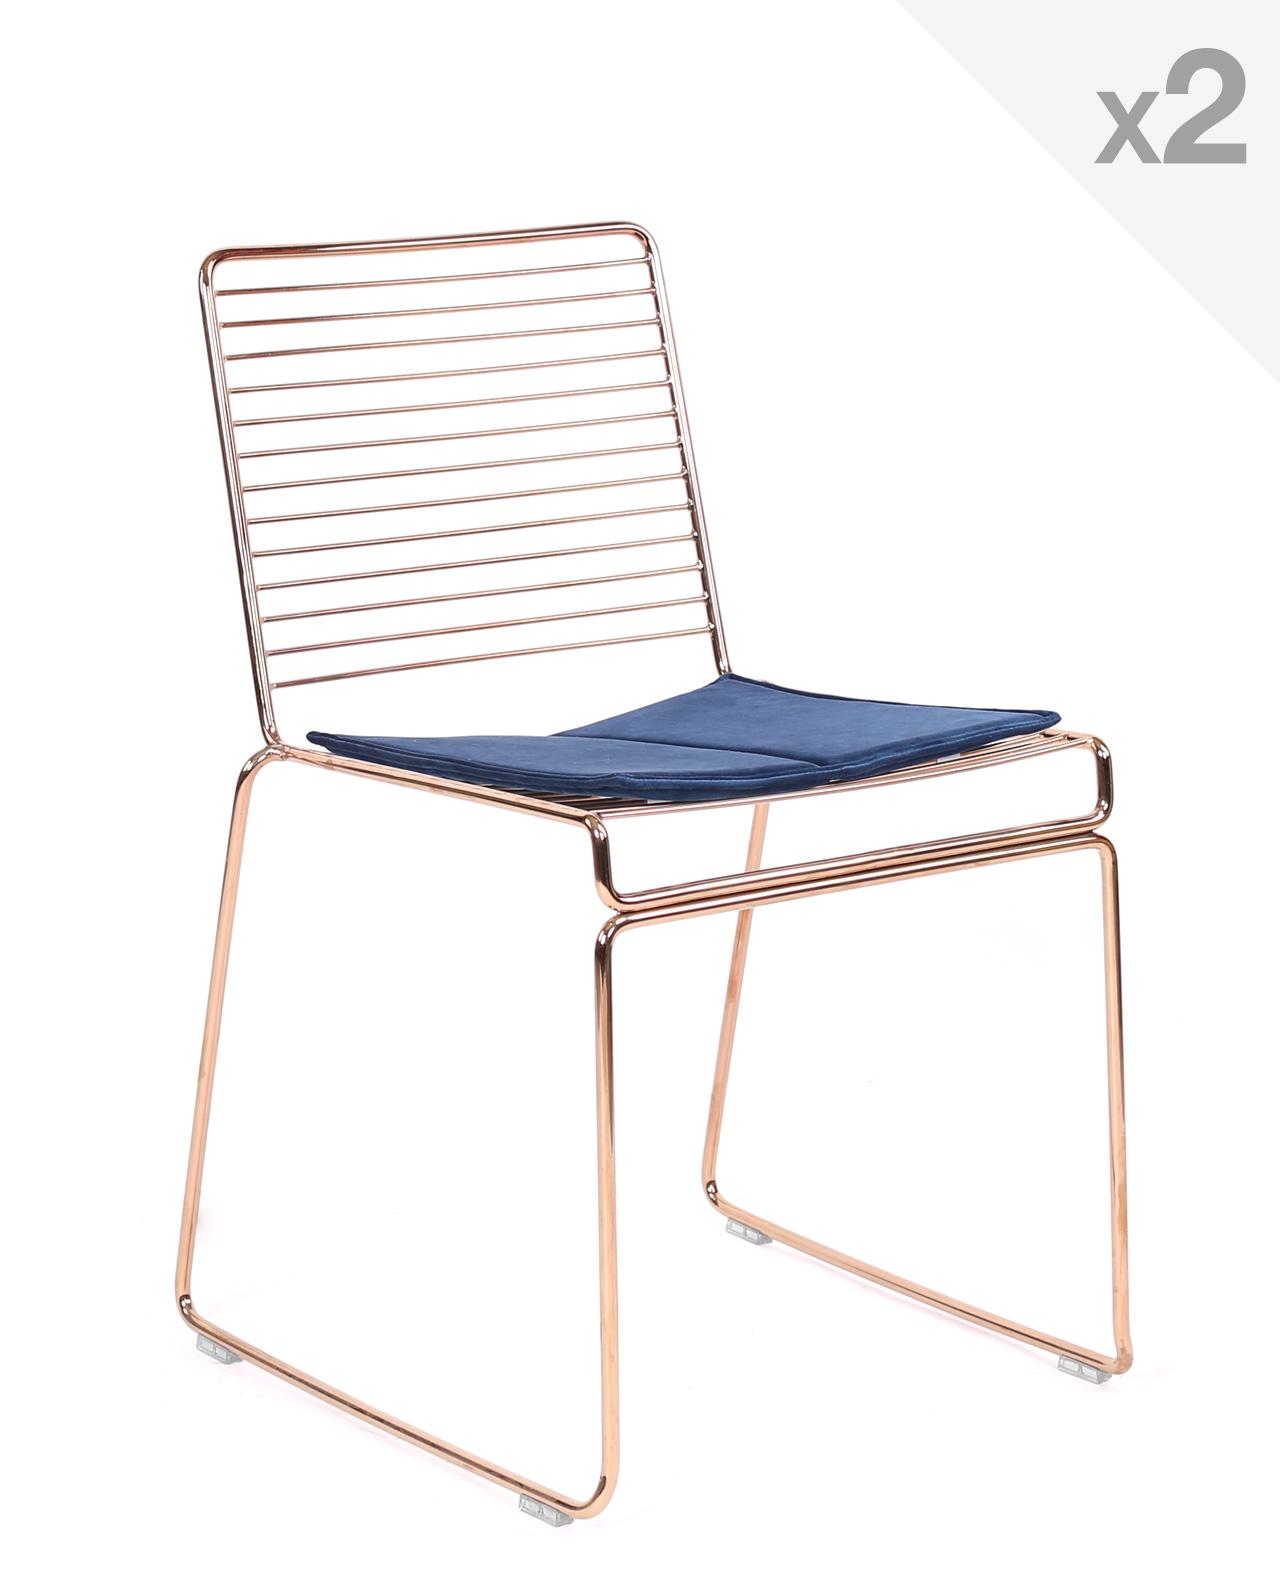 ROSSA chaise design fil métal lot de 2